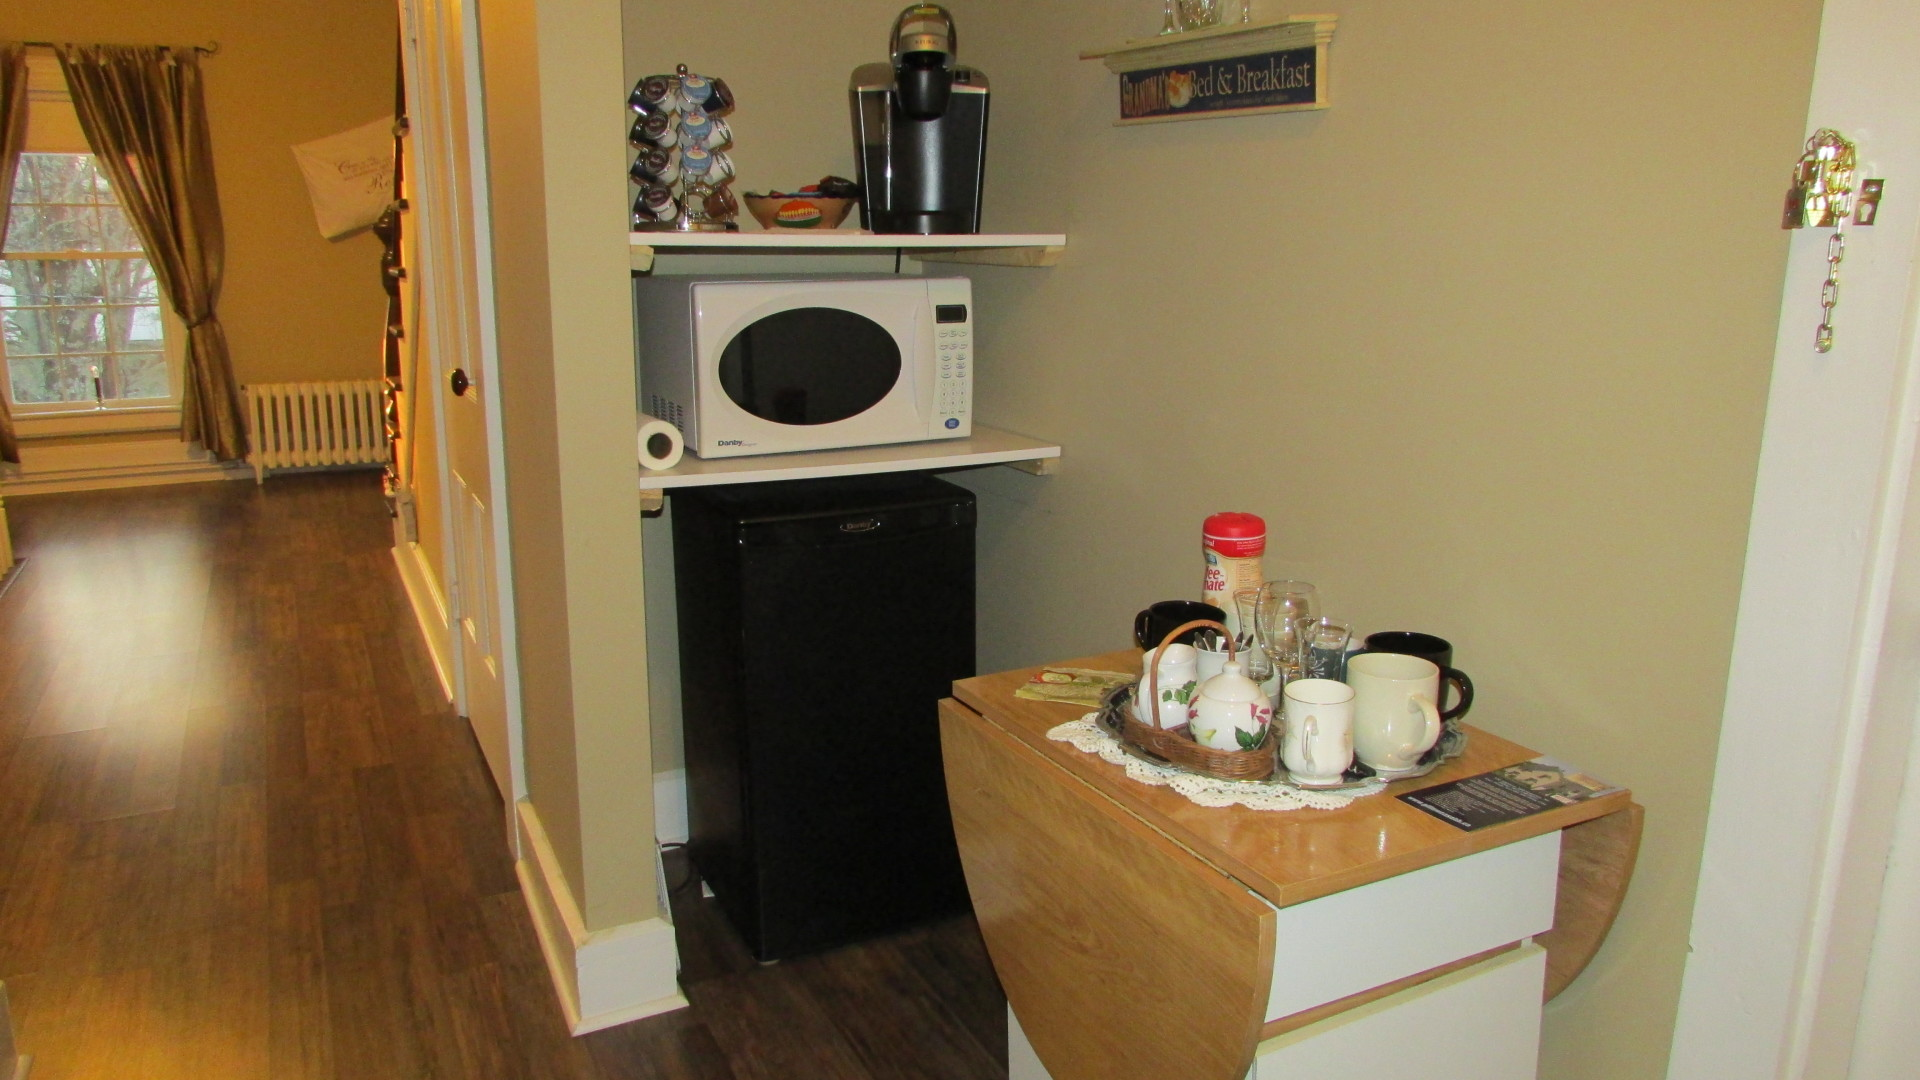 coffee tea fridge microwave